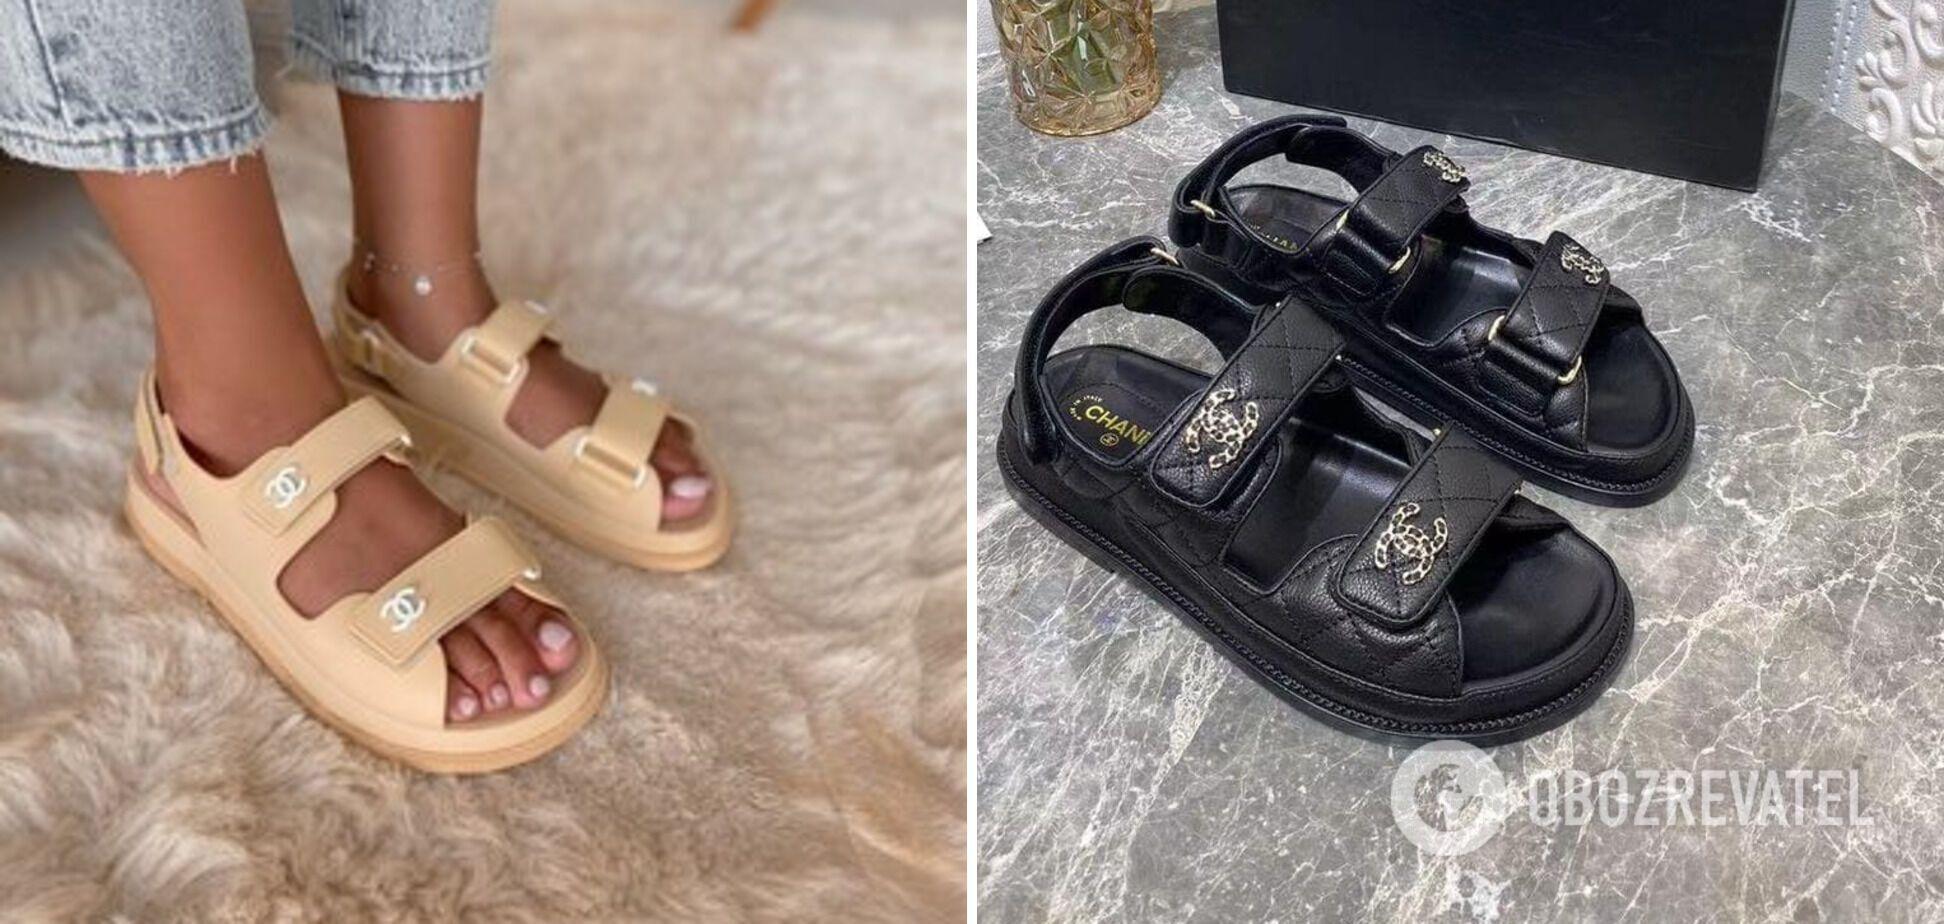 Спортивные сандалии – удобный вариант летней обуви